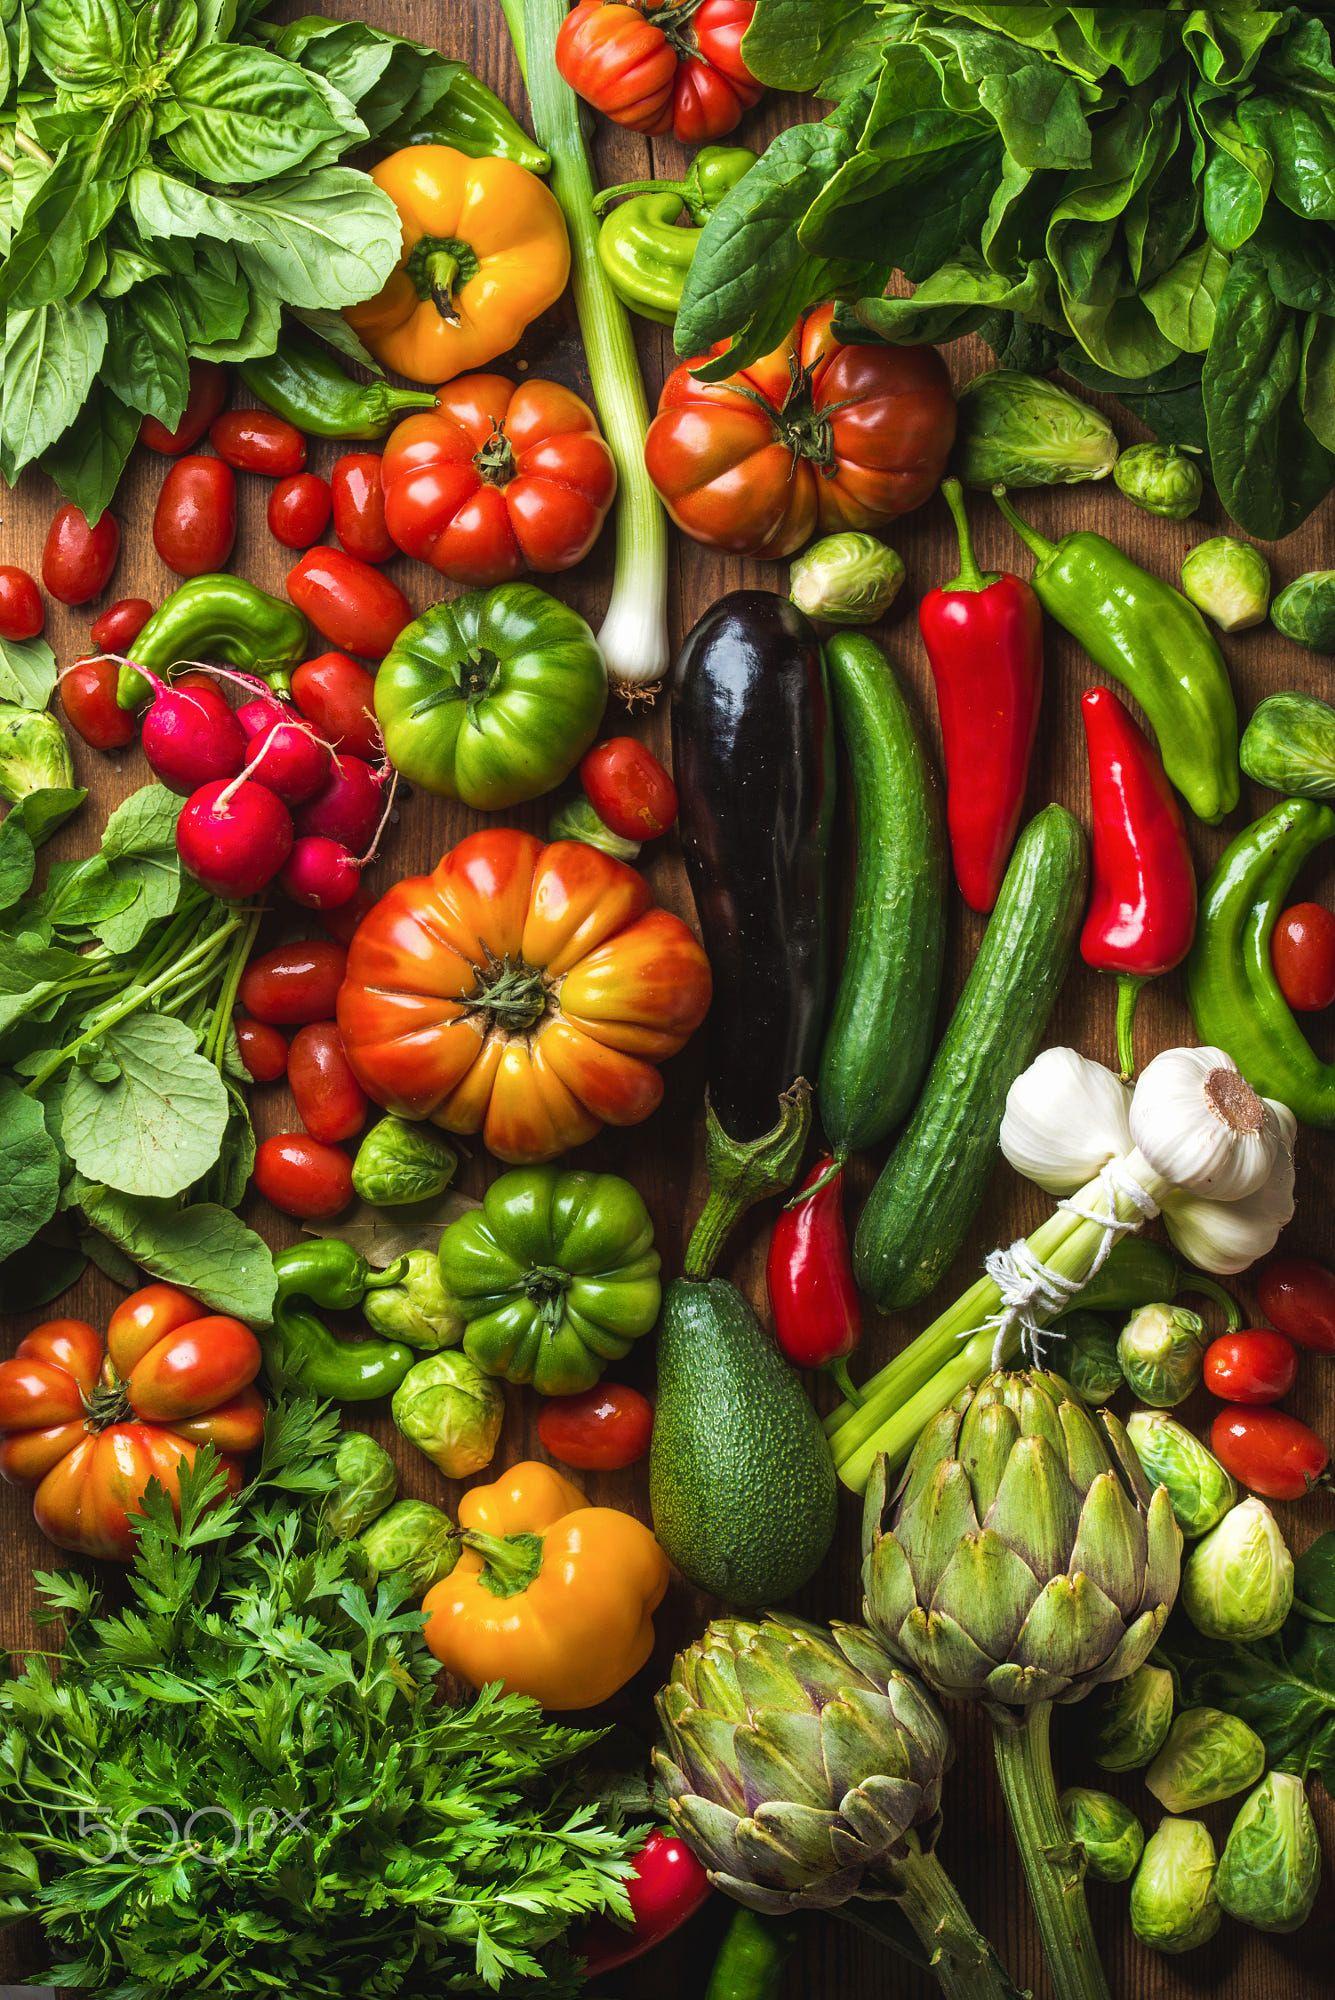 2018 年の fresh raw vegetable ingredients for healthy cooking or